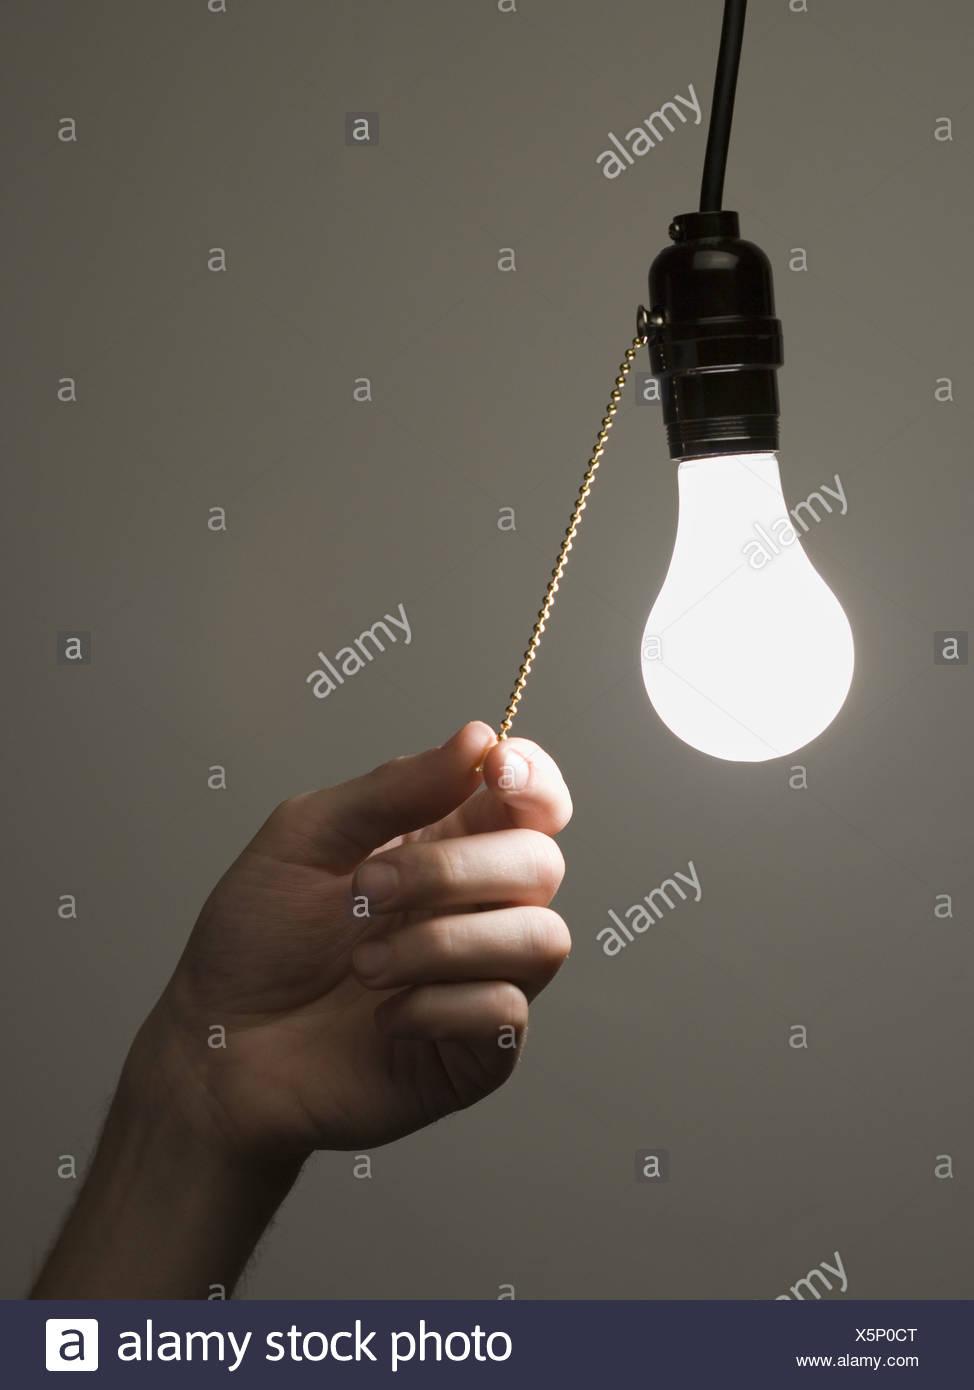 Fantastisch Wie Man Einen 2fach Lichtschalter Verdrahtet Fotos ...